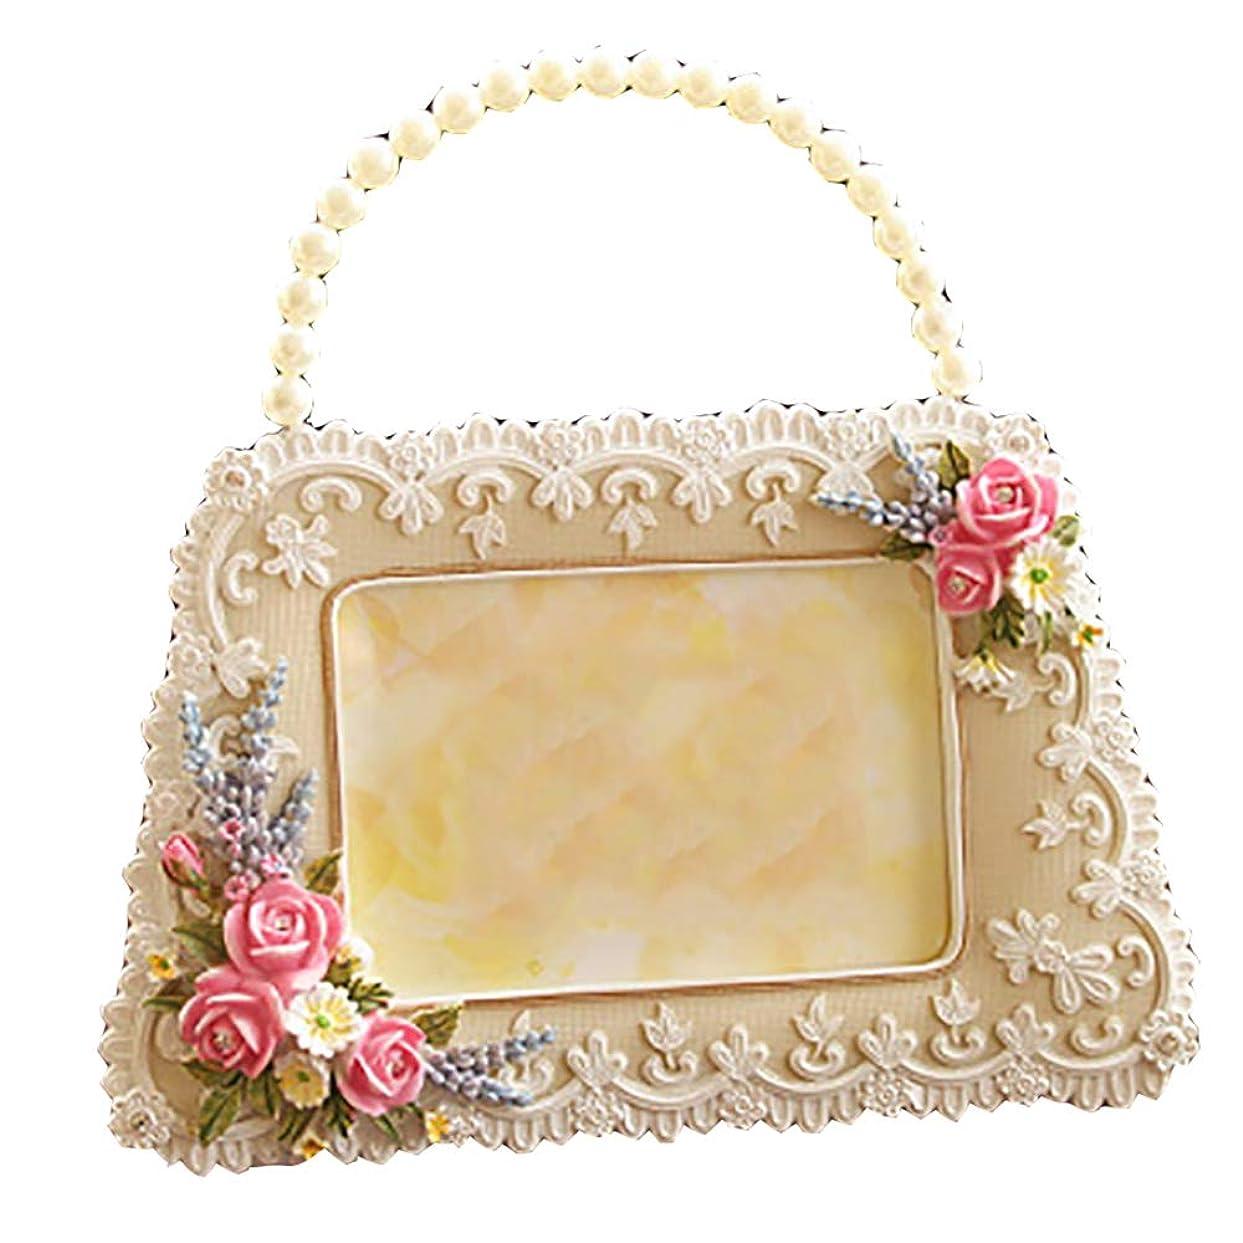 ひばり無声で検出するサイズ20.5 * 20.5cm5インチパーソナリティ韓国の庭の袋タイプのフォトフレーム真珠の王女の結婚式の写真ギフト創造的で実用的な